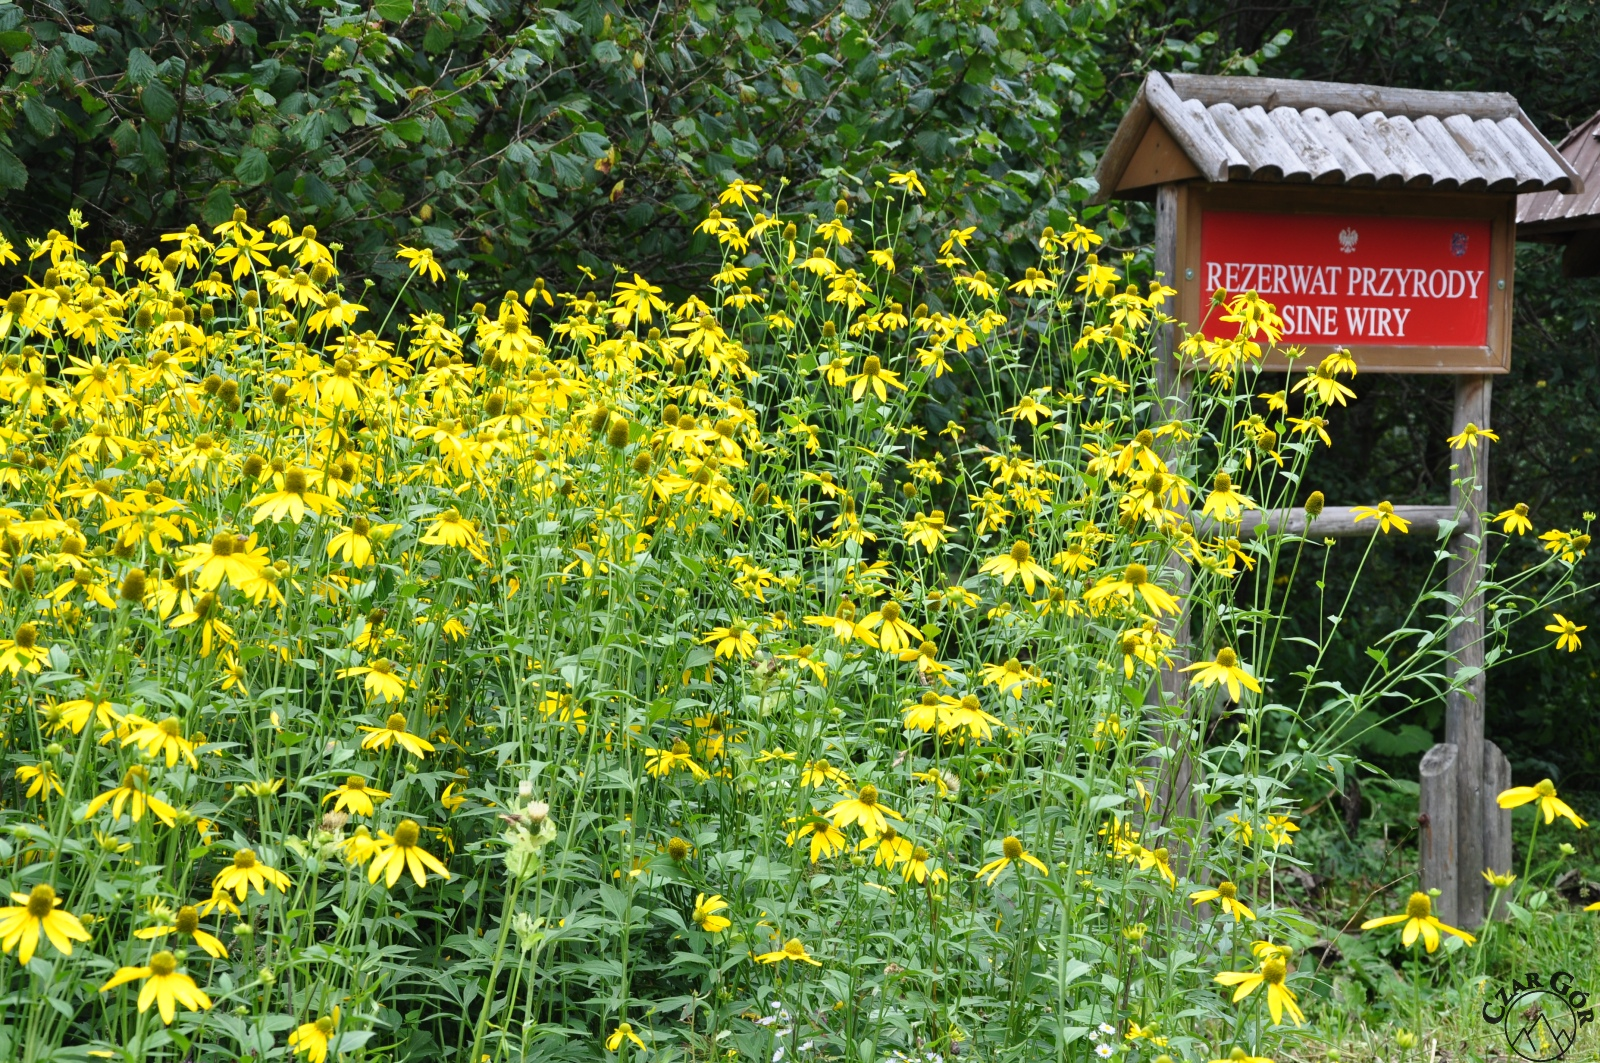 Dla nas wyjście, na niektórych wejście do rezerwatu przyrody